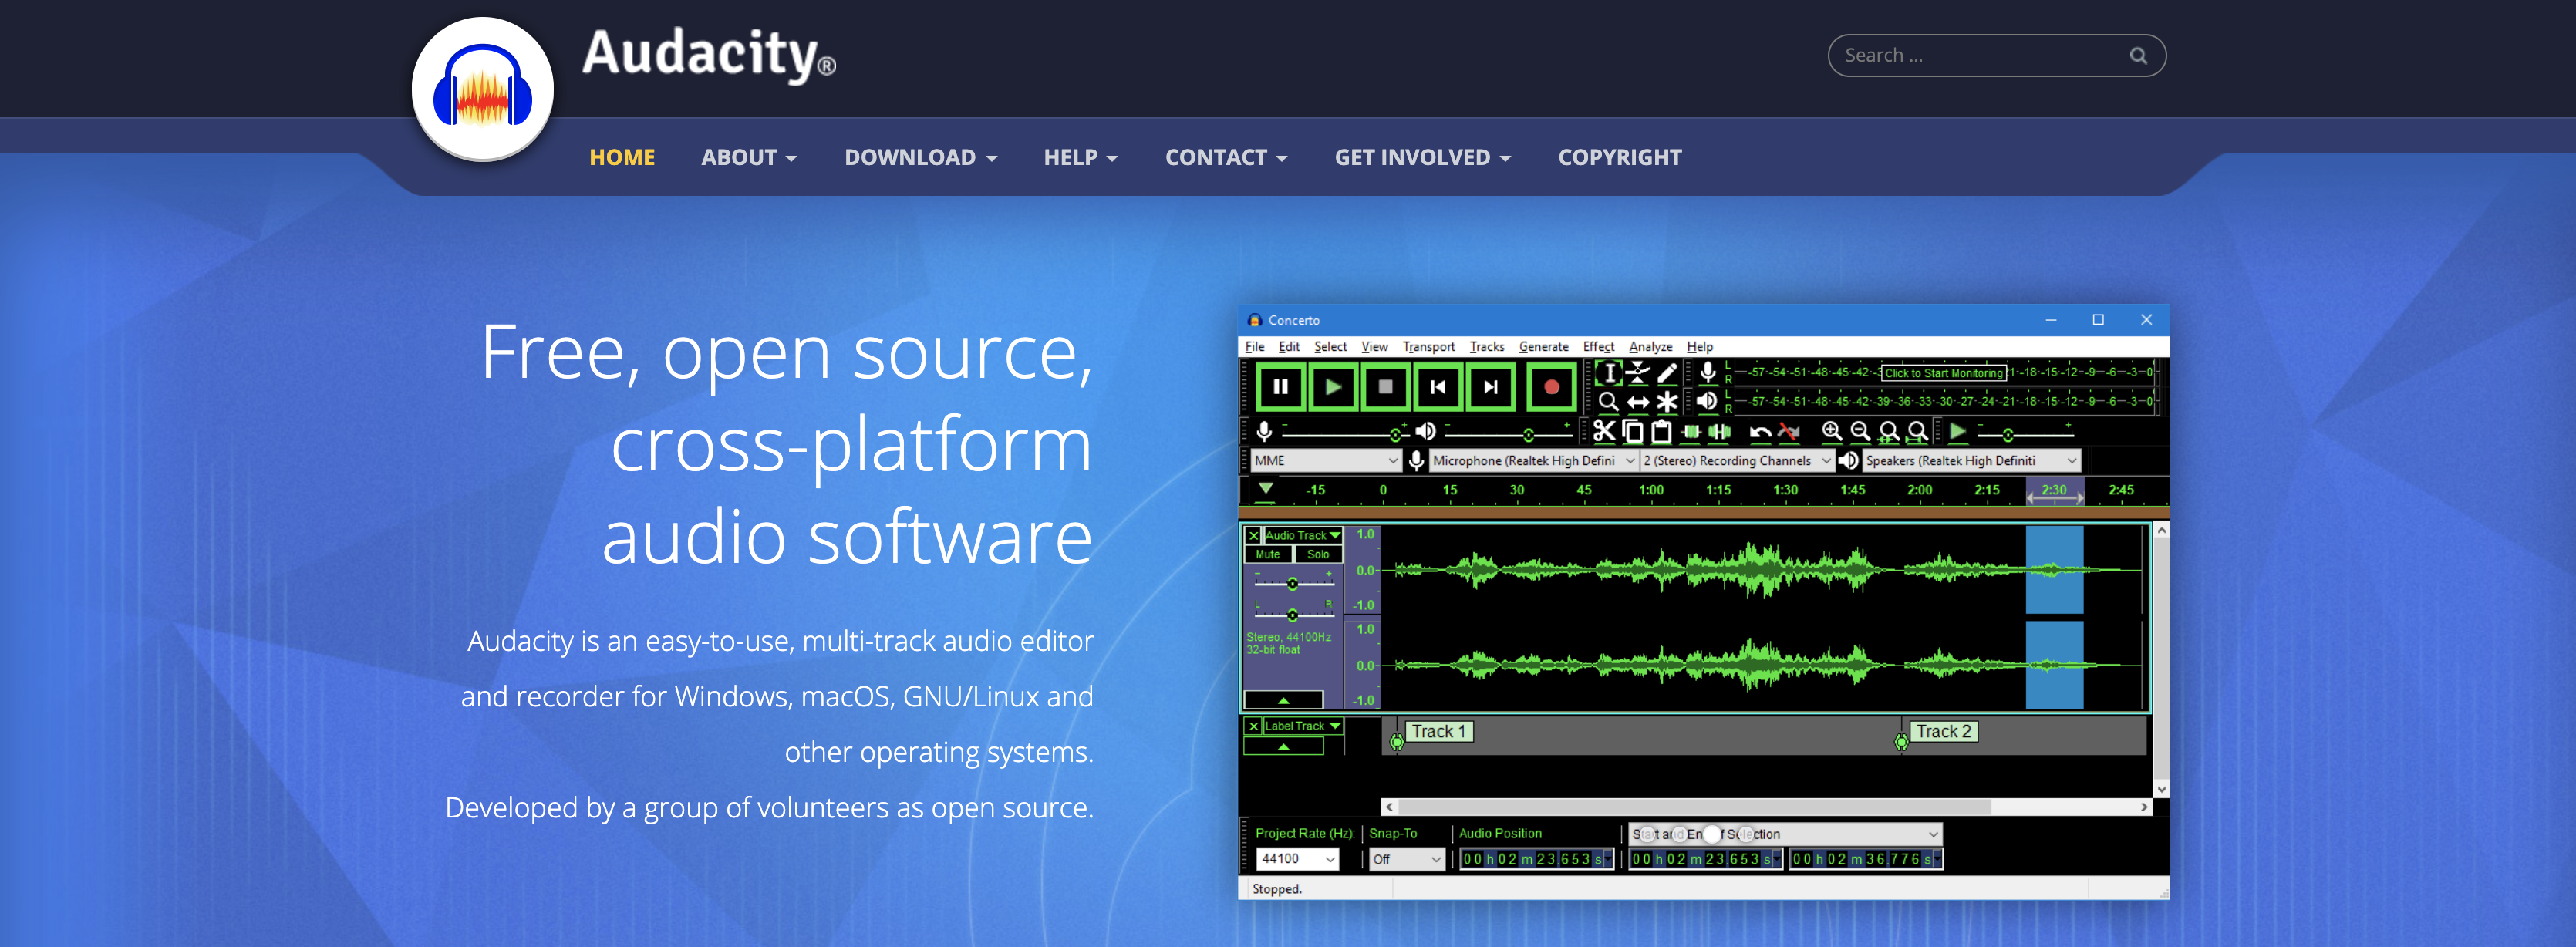 Audacity homepage screenshot